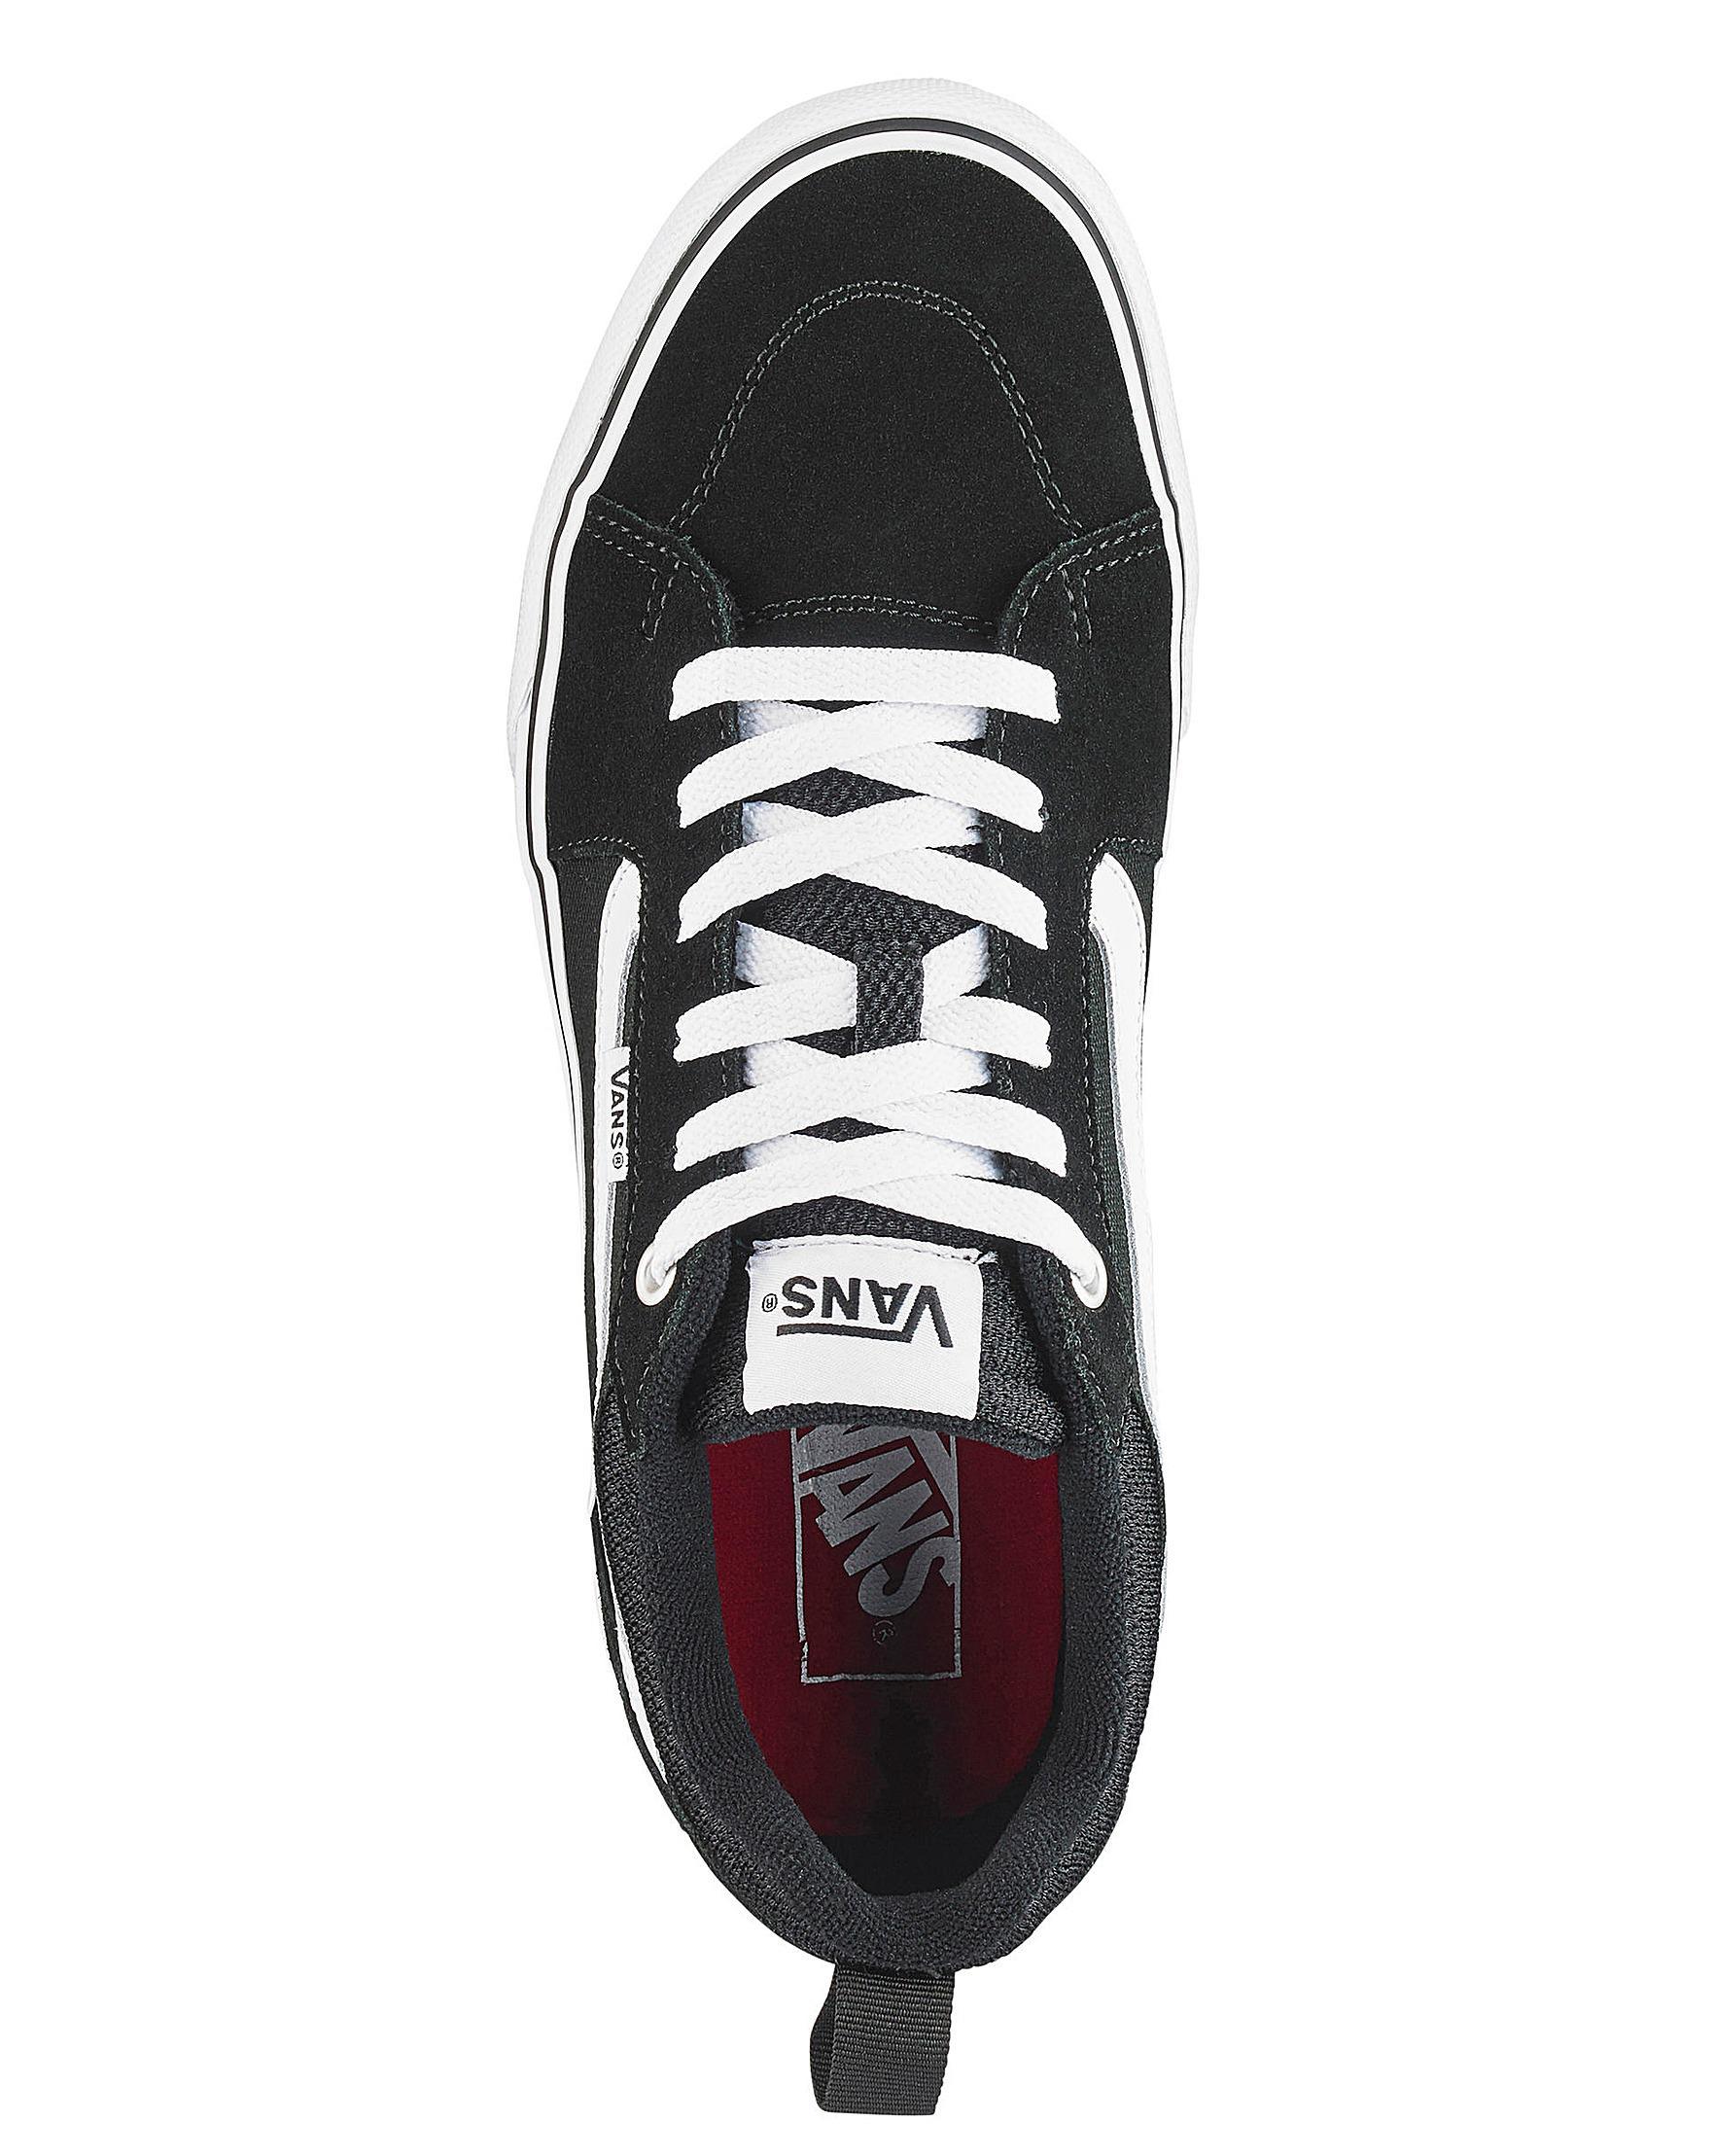 9c7c64f2f0 Vans Filmore Stripe Trainers in Black for Men - Lyst